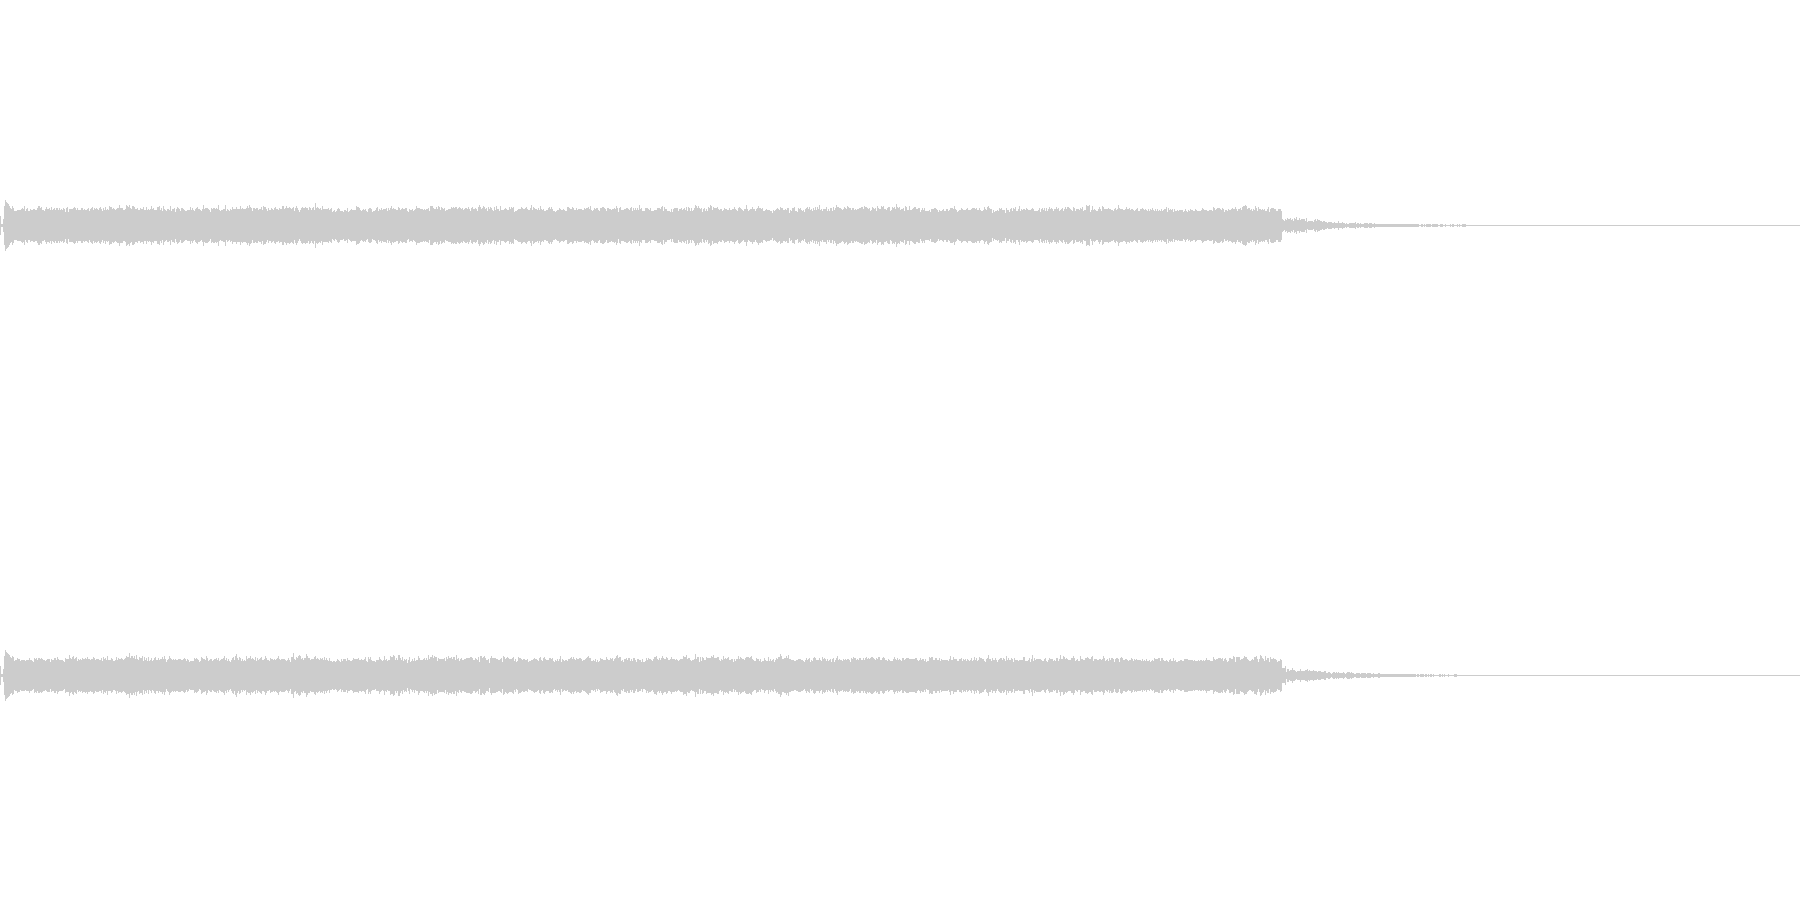 ピロピロピコピコ音の未再生の波形